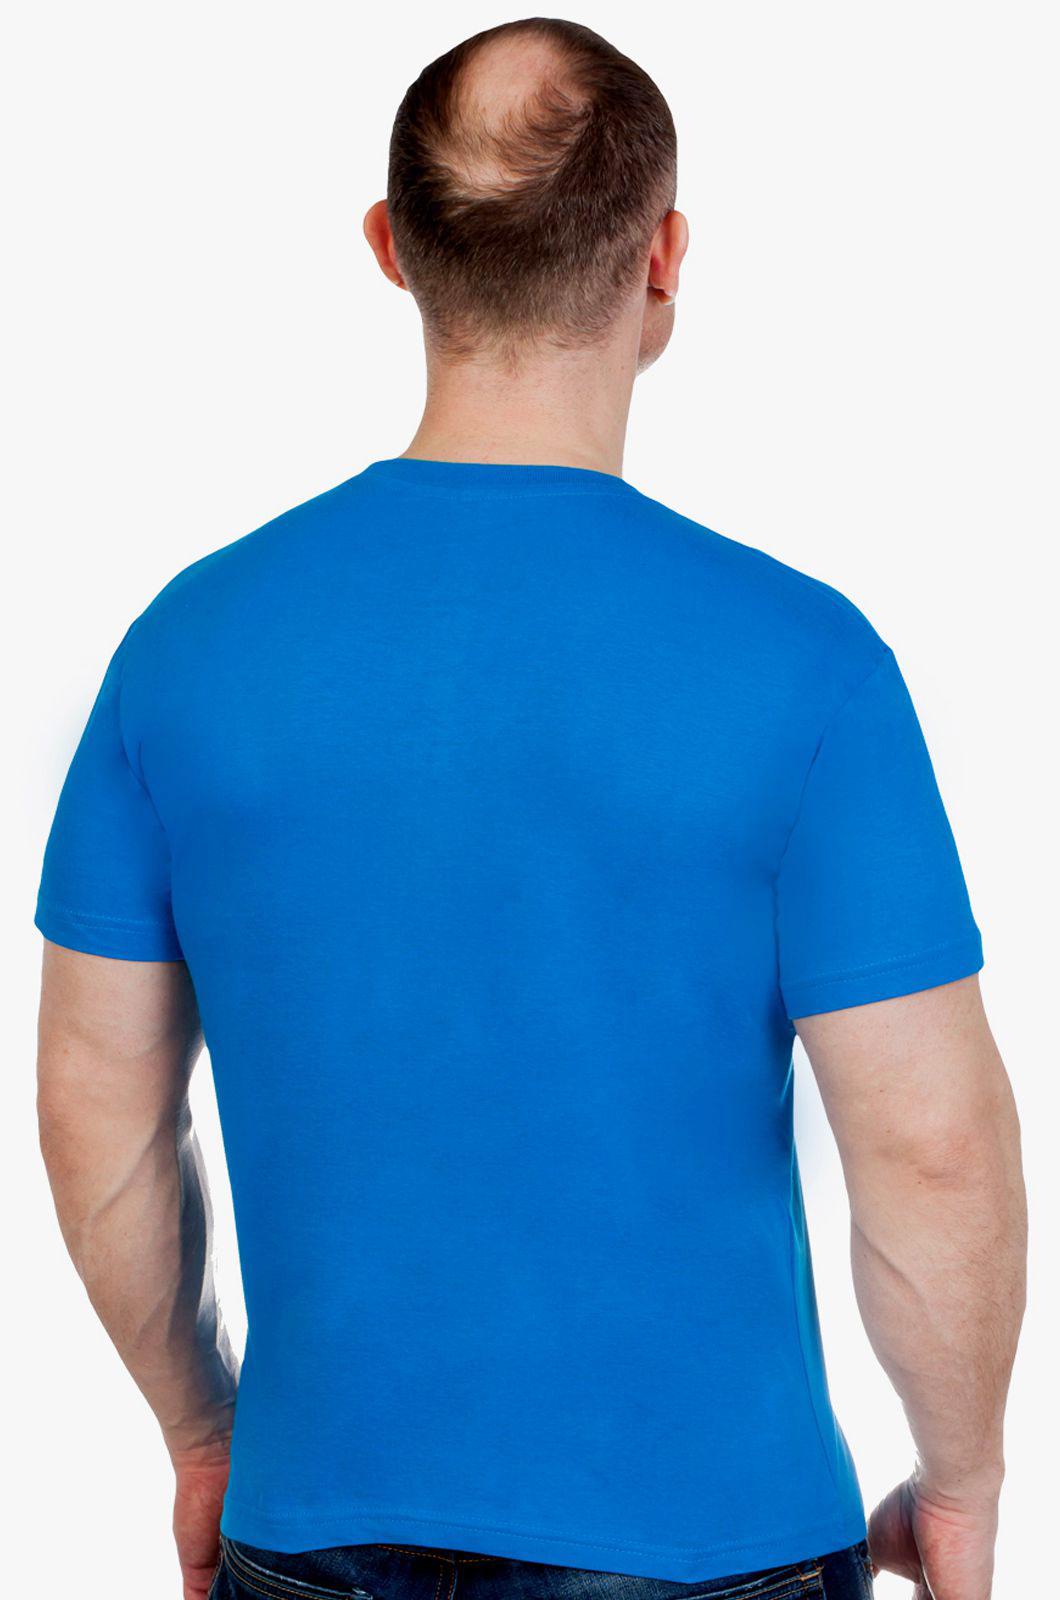 Классная футболка ВМФ - купить выгодно